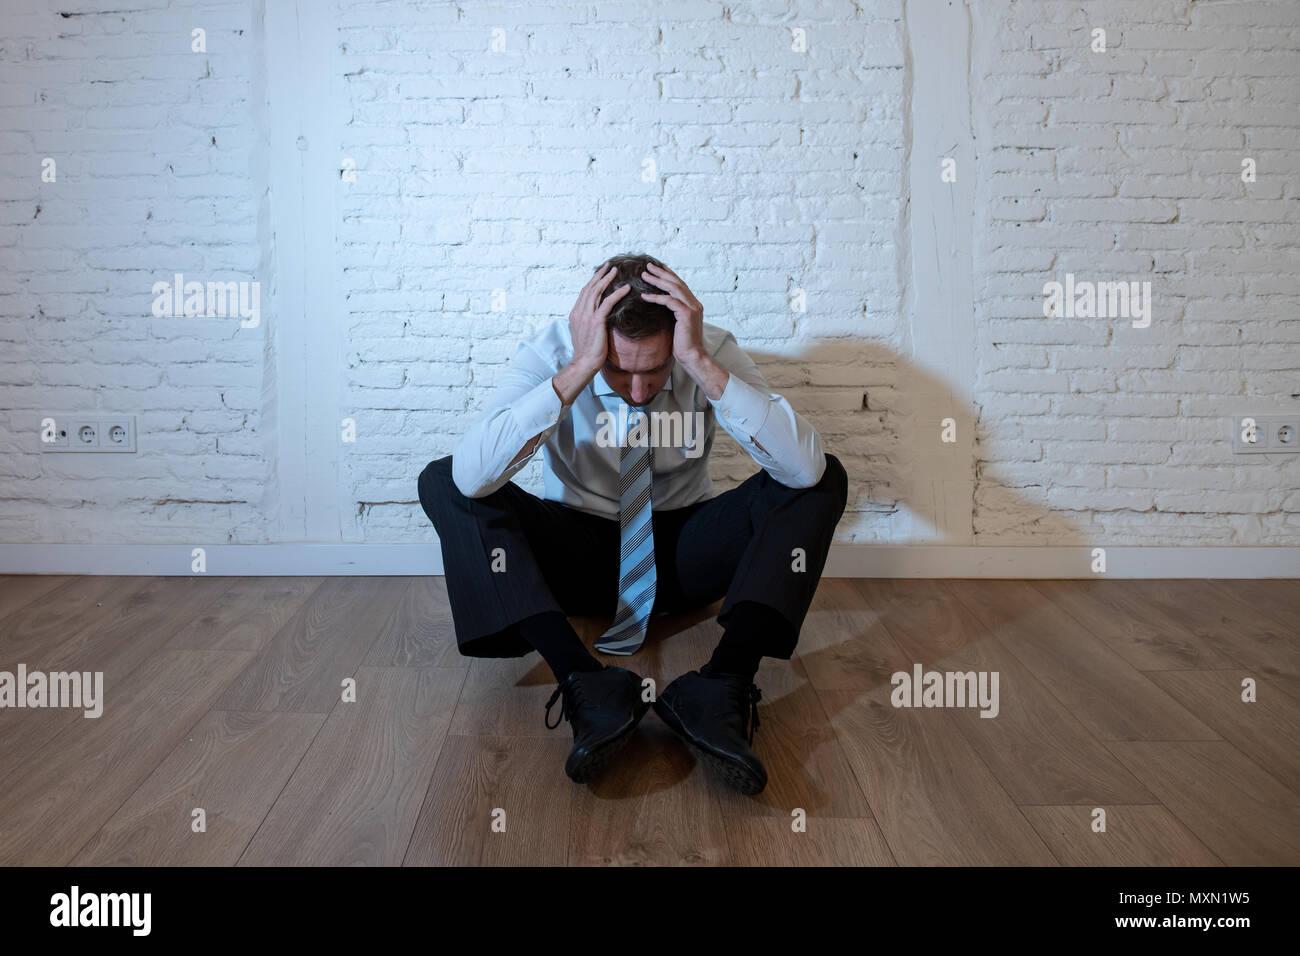 Hombre de negocios deprimido sentirse triste, solitario y que sufren de ansiedad recostada sobre una pared blanca en casa en salud mental depresión concepto Imagen De Stock